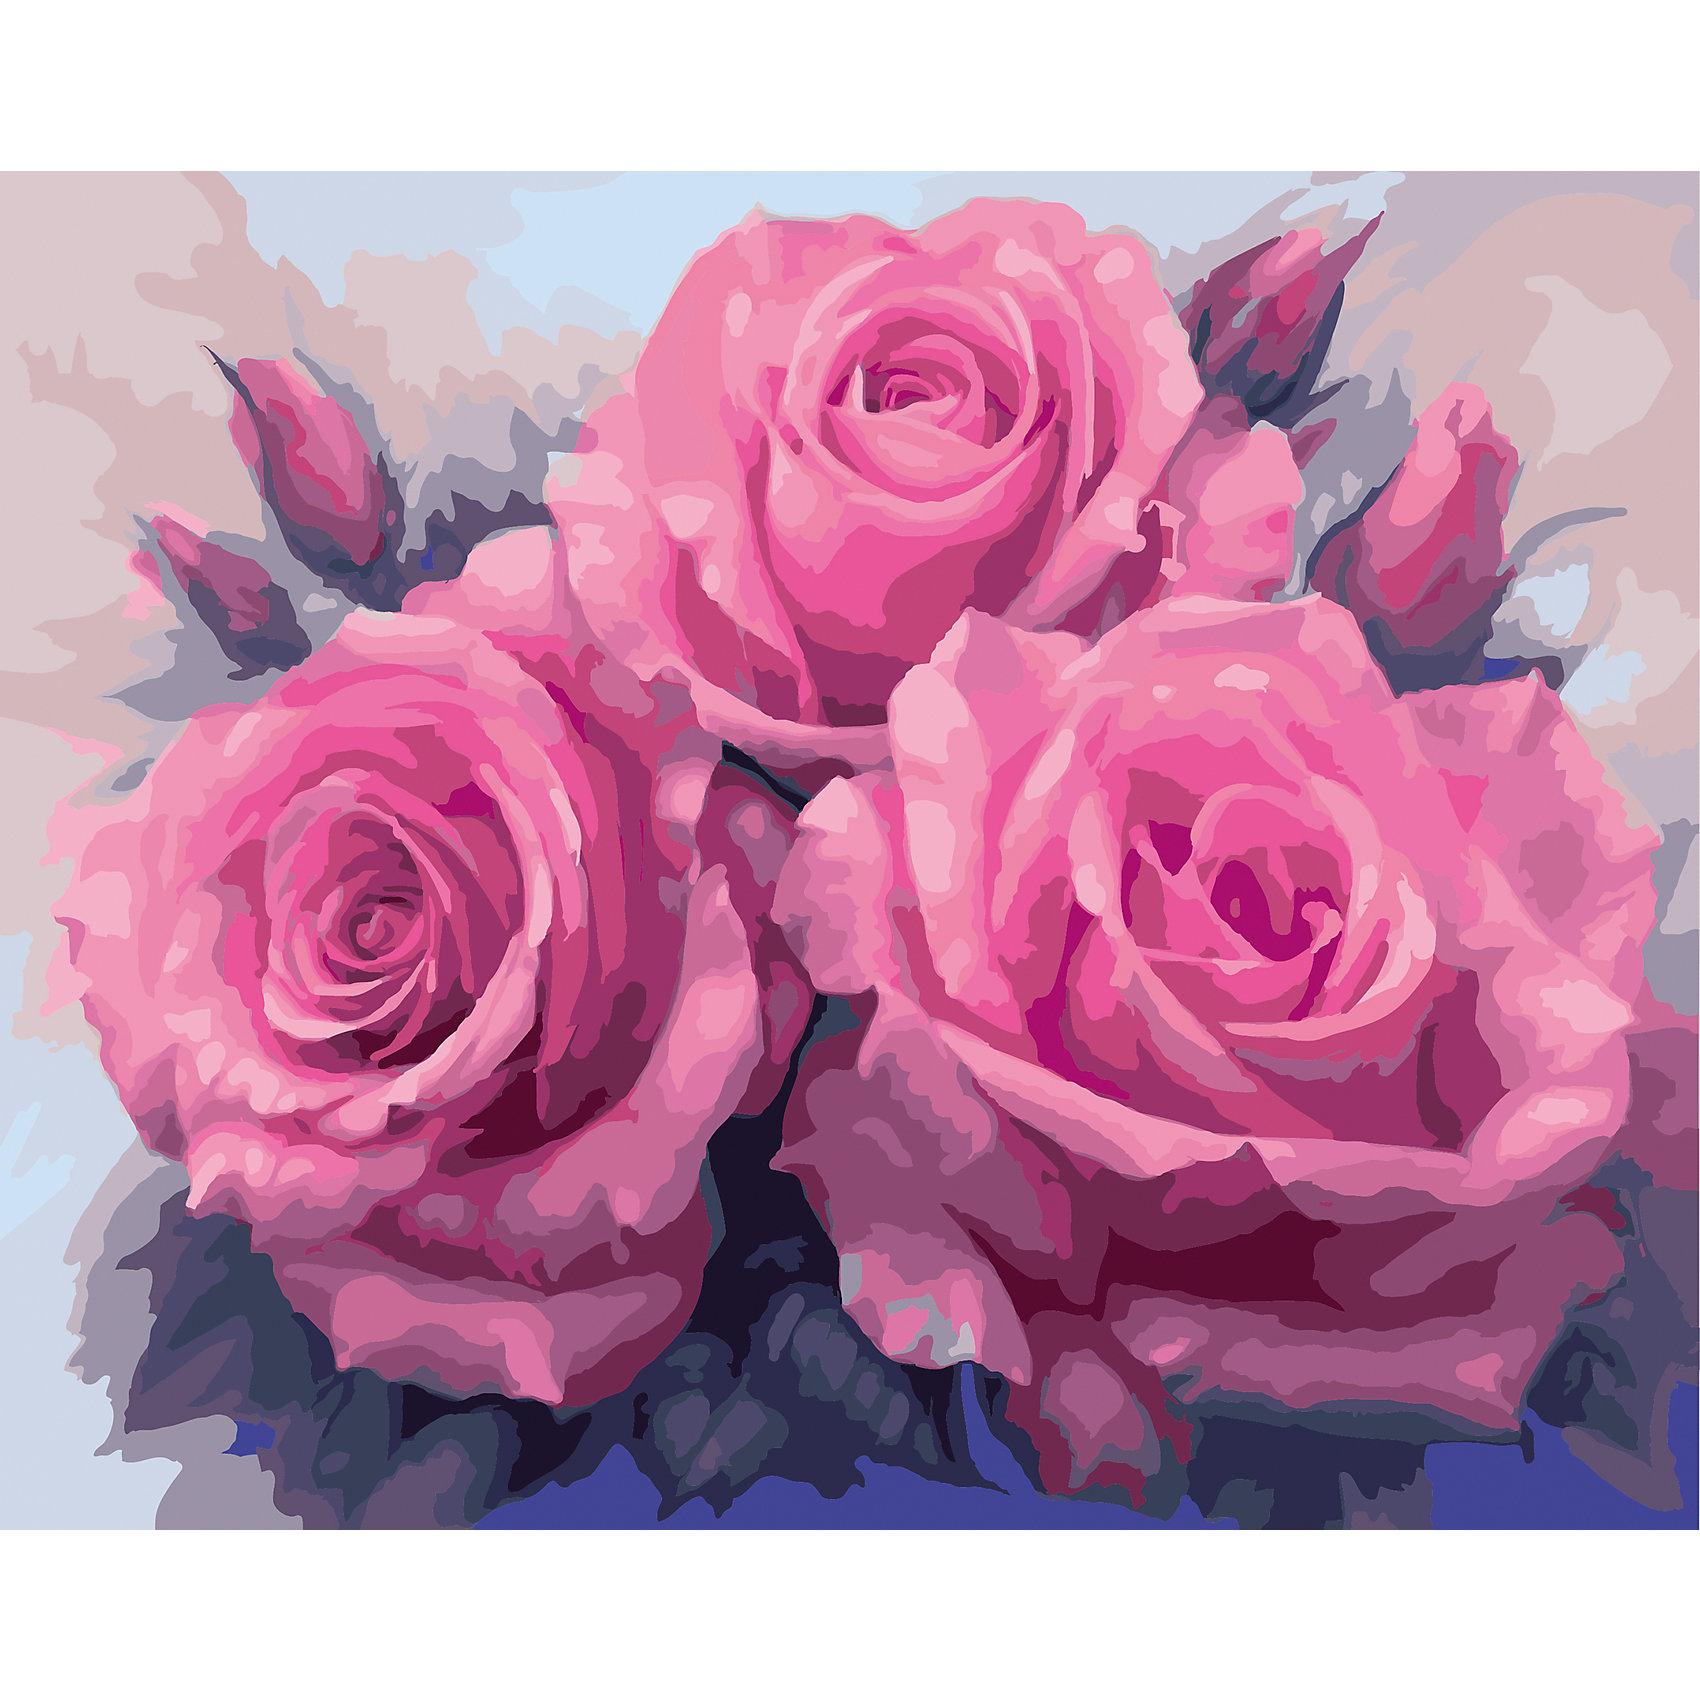 TUKZAR Роспись по номерам Розы 40*50 см наборы для рисования цветной картины по номерам белые розы